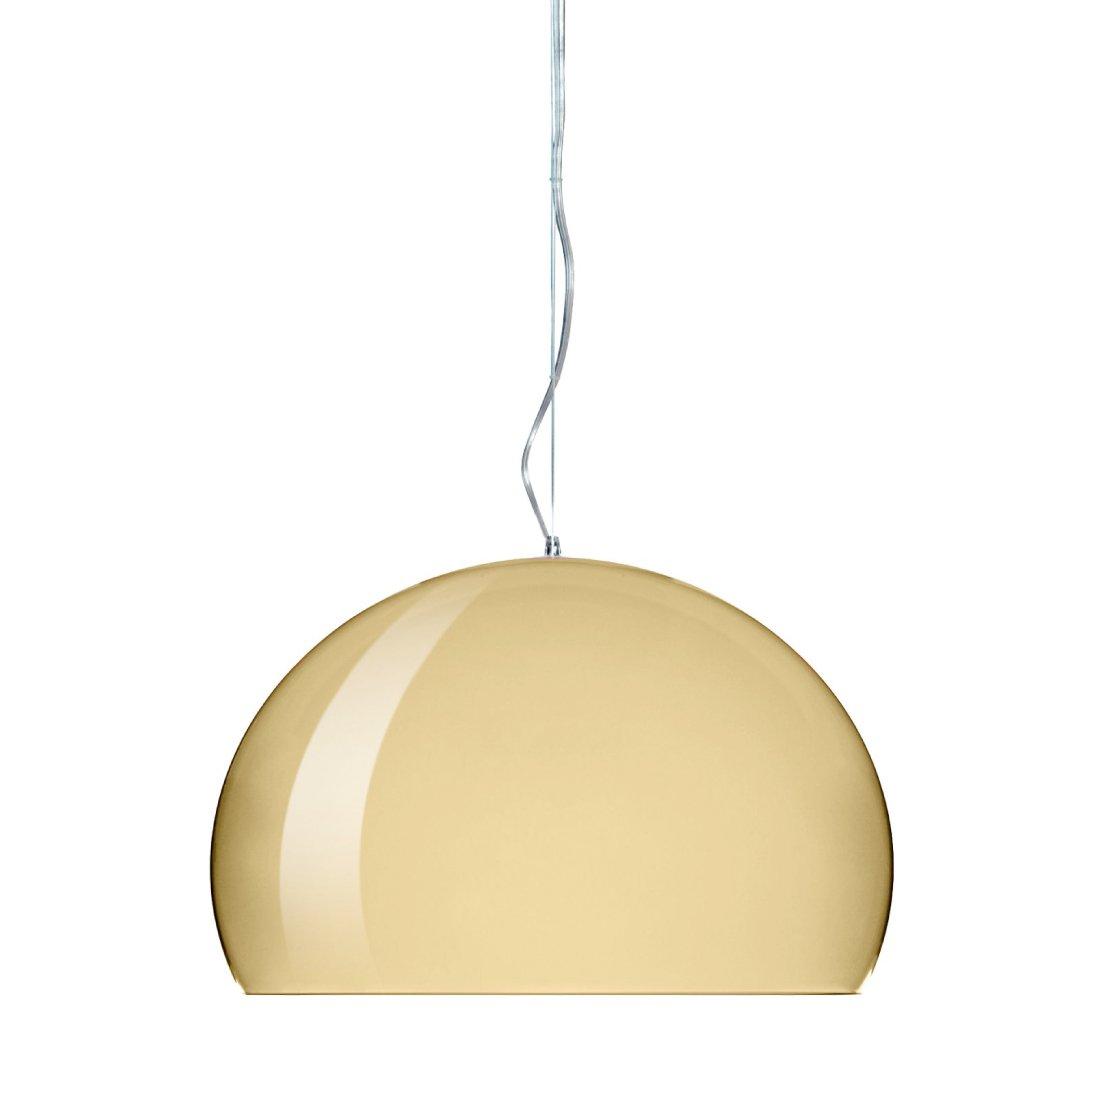 Kartell Fly Hanglamp Goud